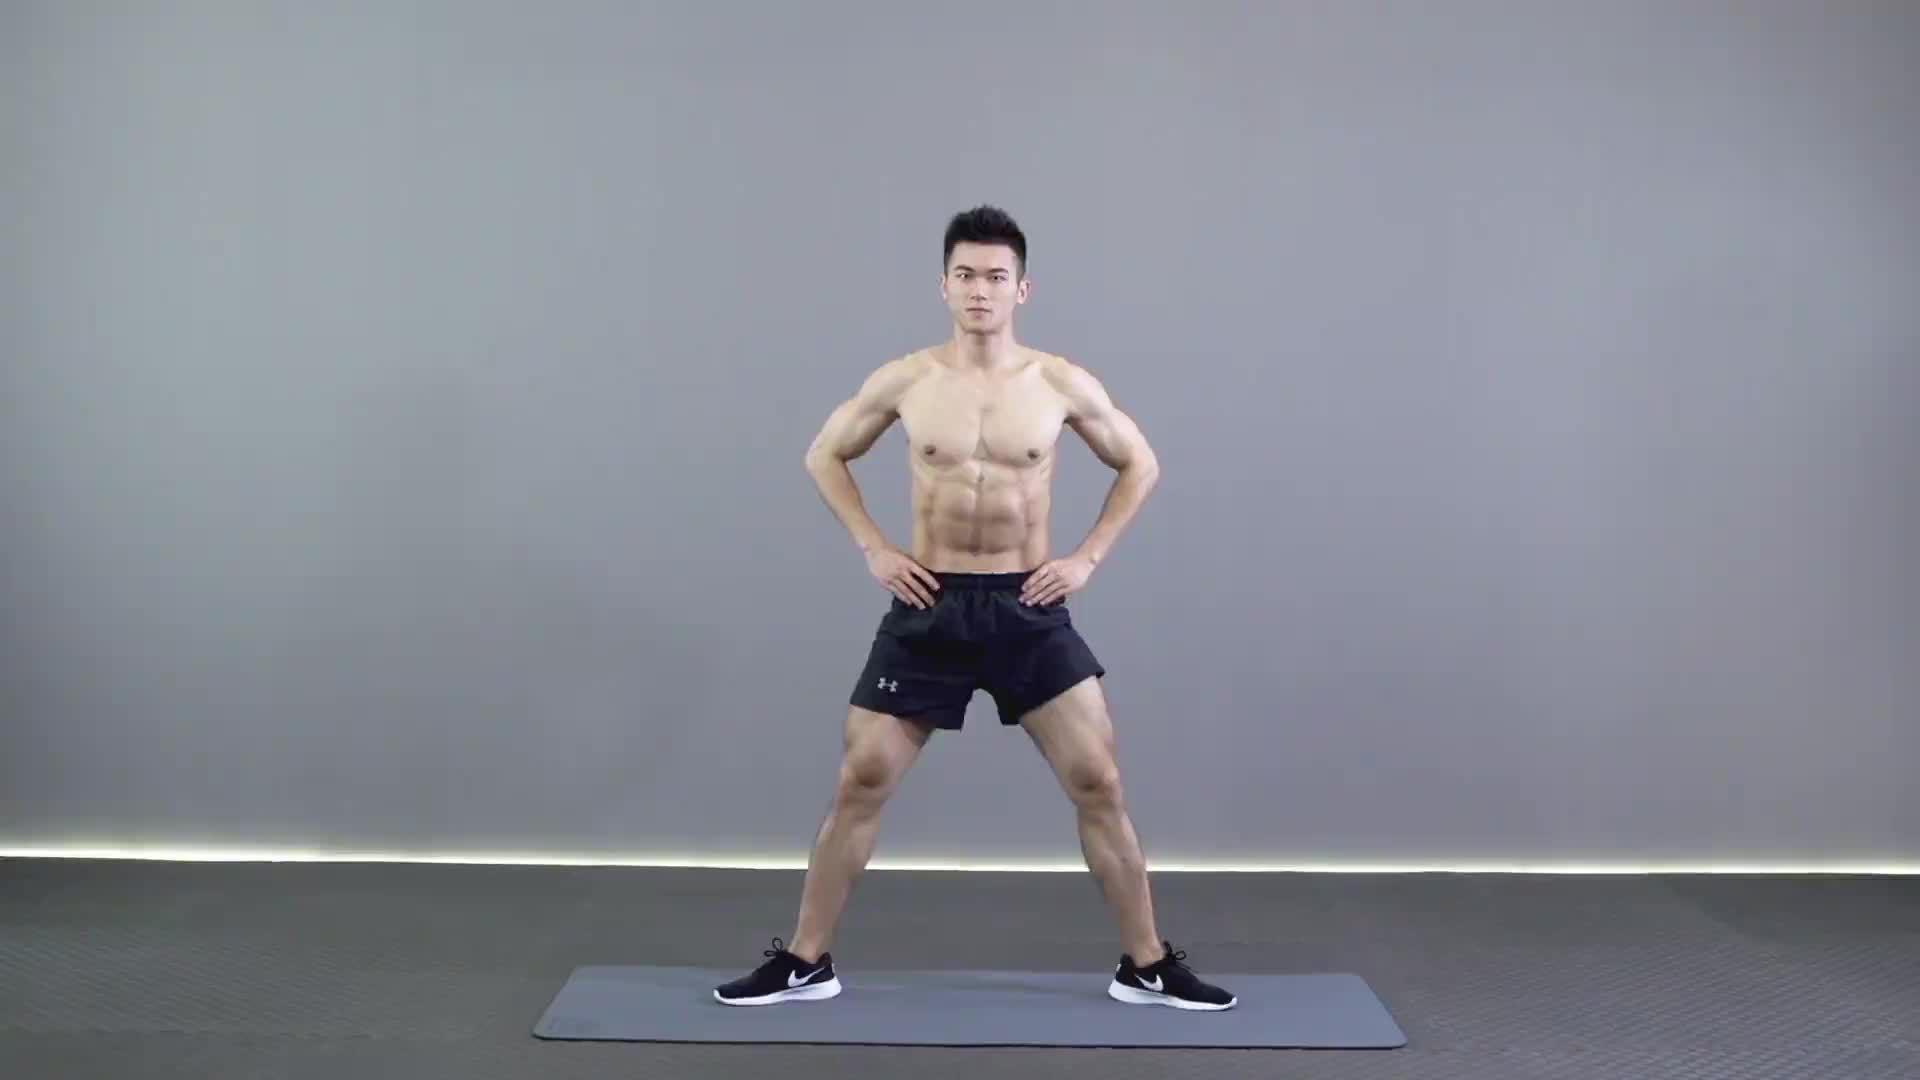 动作要领图                 1、挺胸收腹,收紧臀部         1、脚尖与膝盖保持同一方向,下蹲膝盖不要超过脚尖           主要肌肉示意图        宽距半蹲的动作要领 1、挺胸